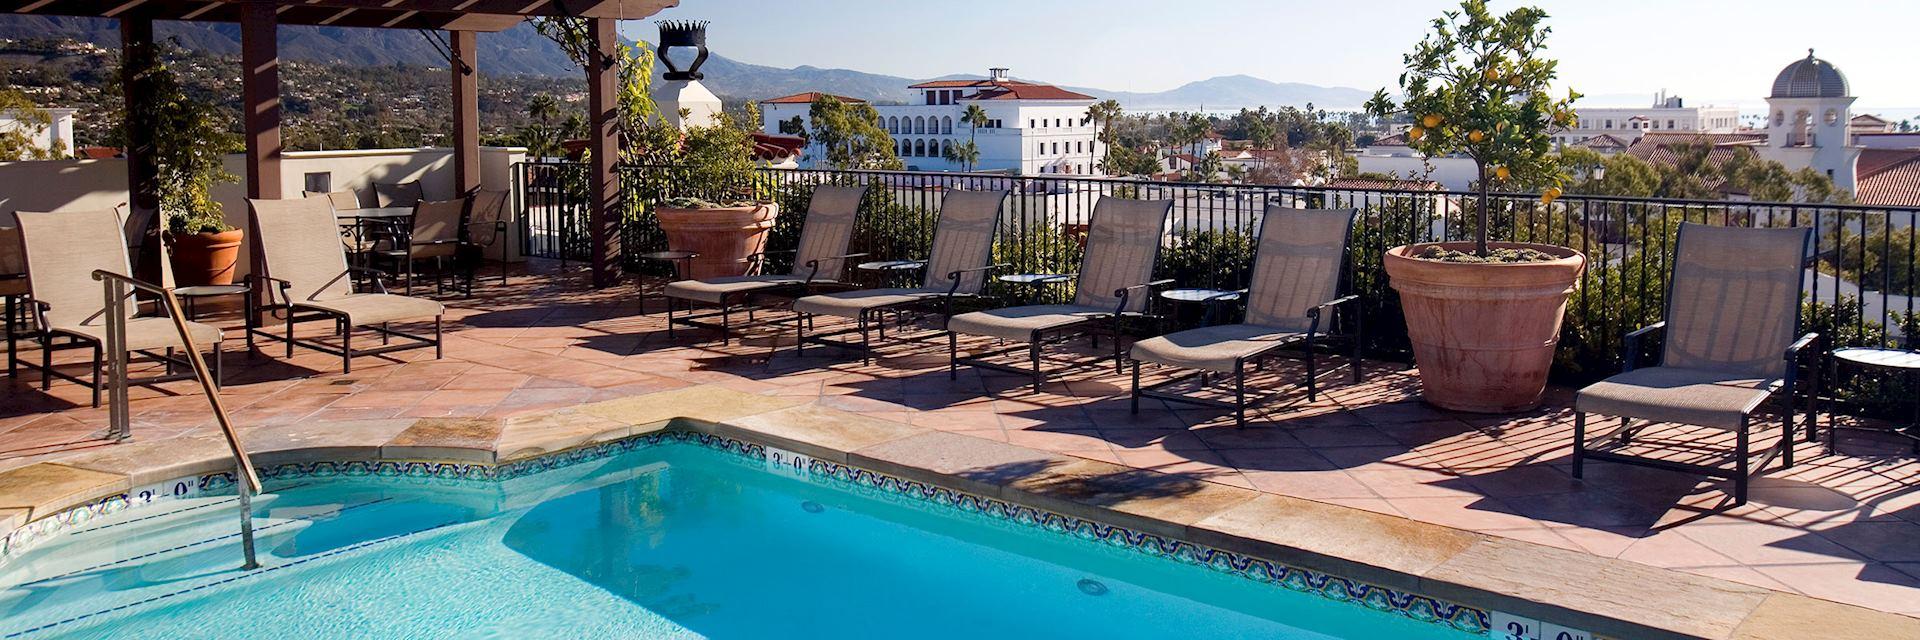 Canary Hotel, Santa Barbara